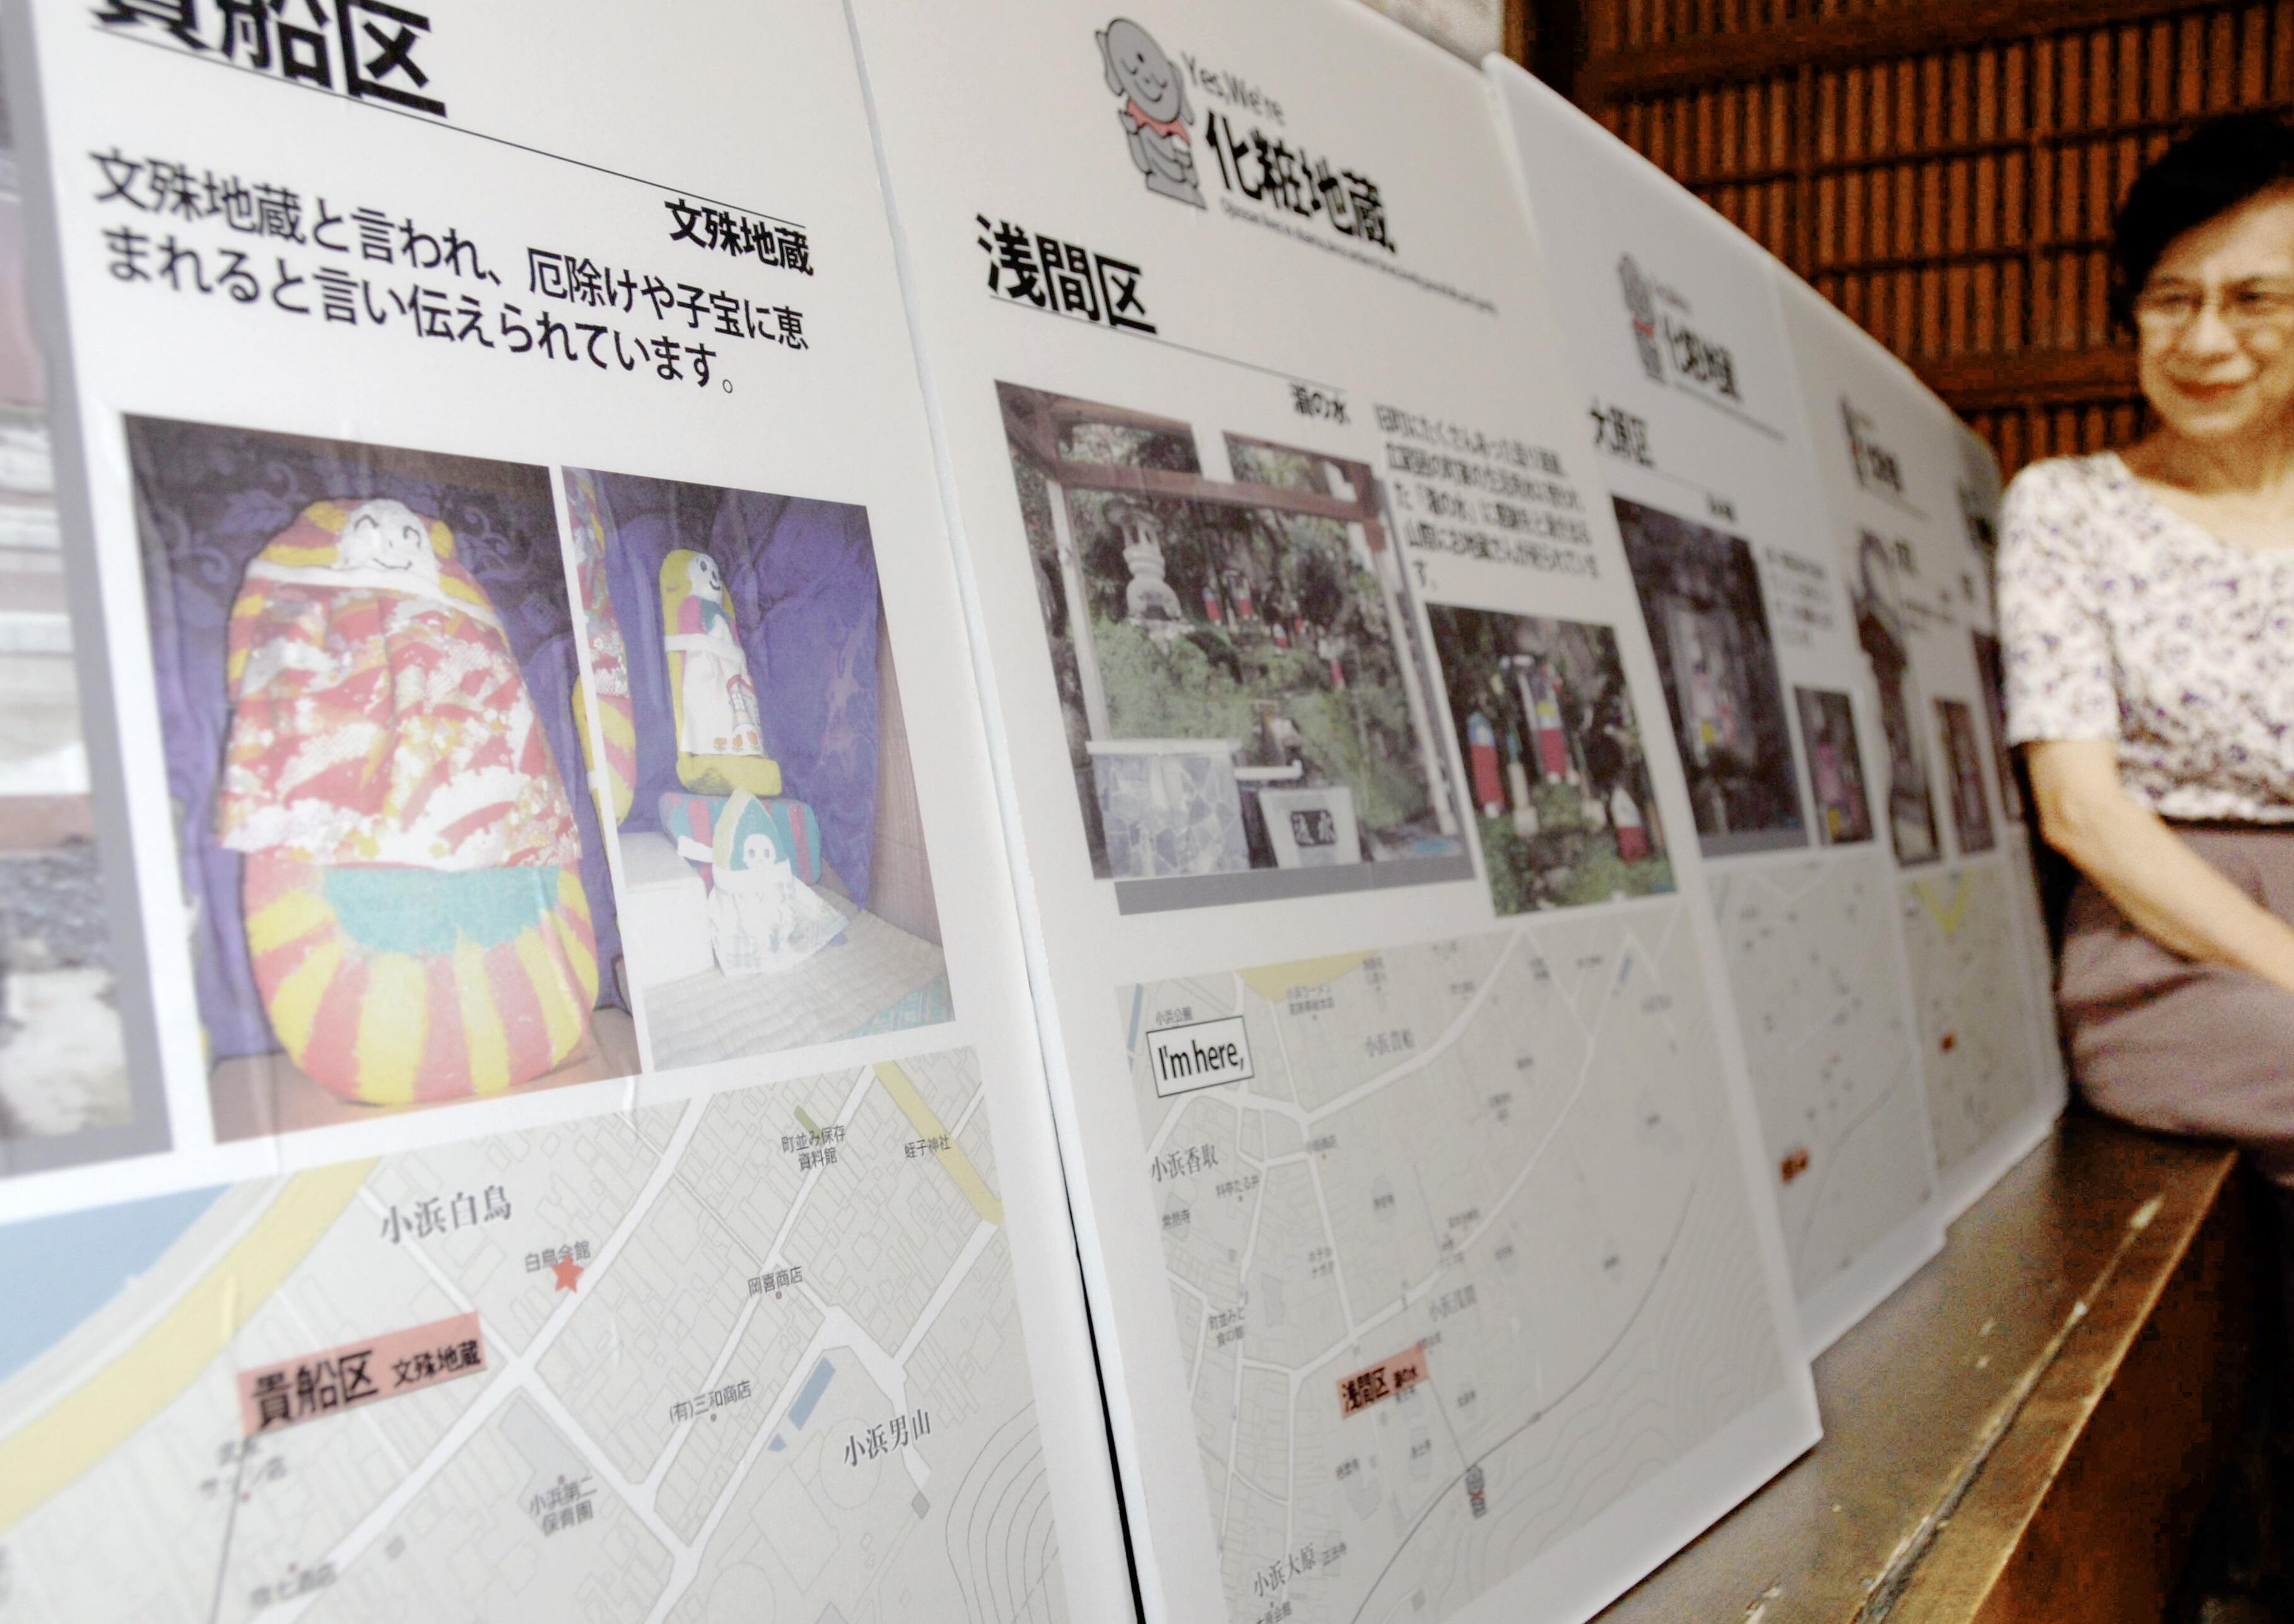 小浜西組の化粧地蔵を紹介する企画展=福井県小浜市鹿島の小浜町並み保存資料館